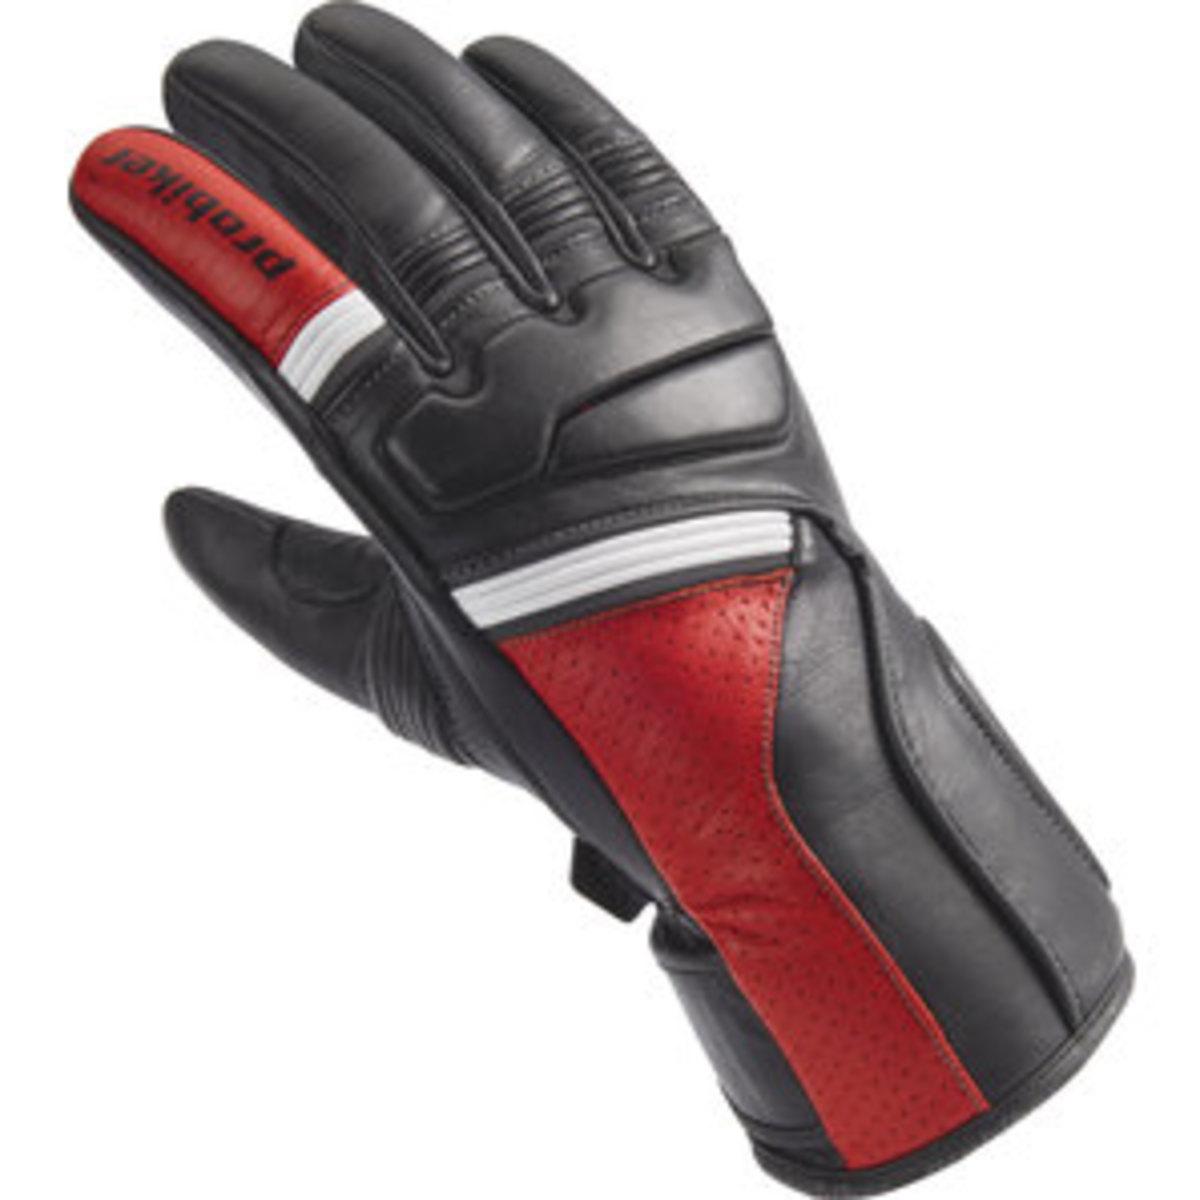 Bild 2 von Probiker Traveler LSE 80        Handschuhe